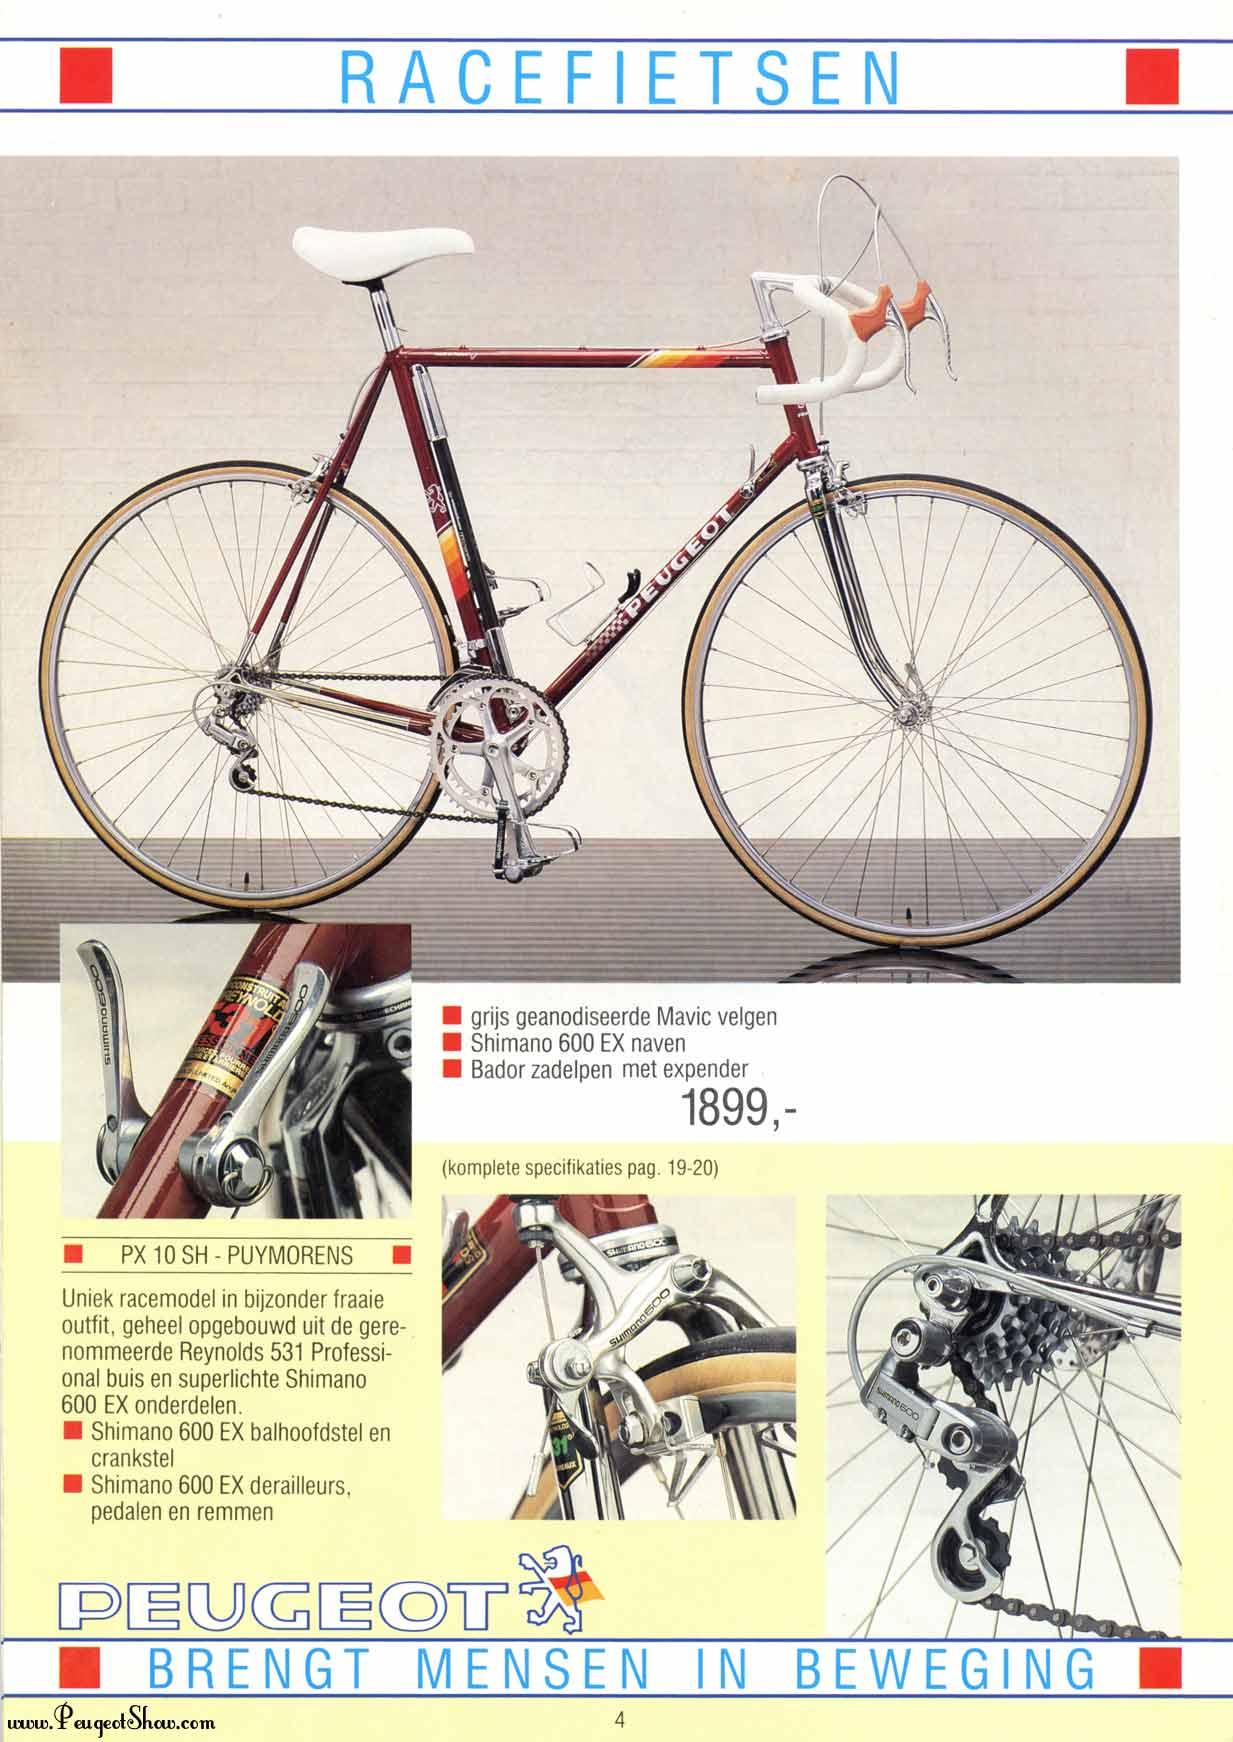 Peugeot PX10 SH 1986nl_04